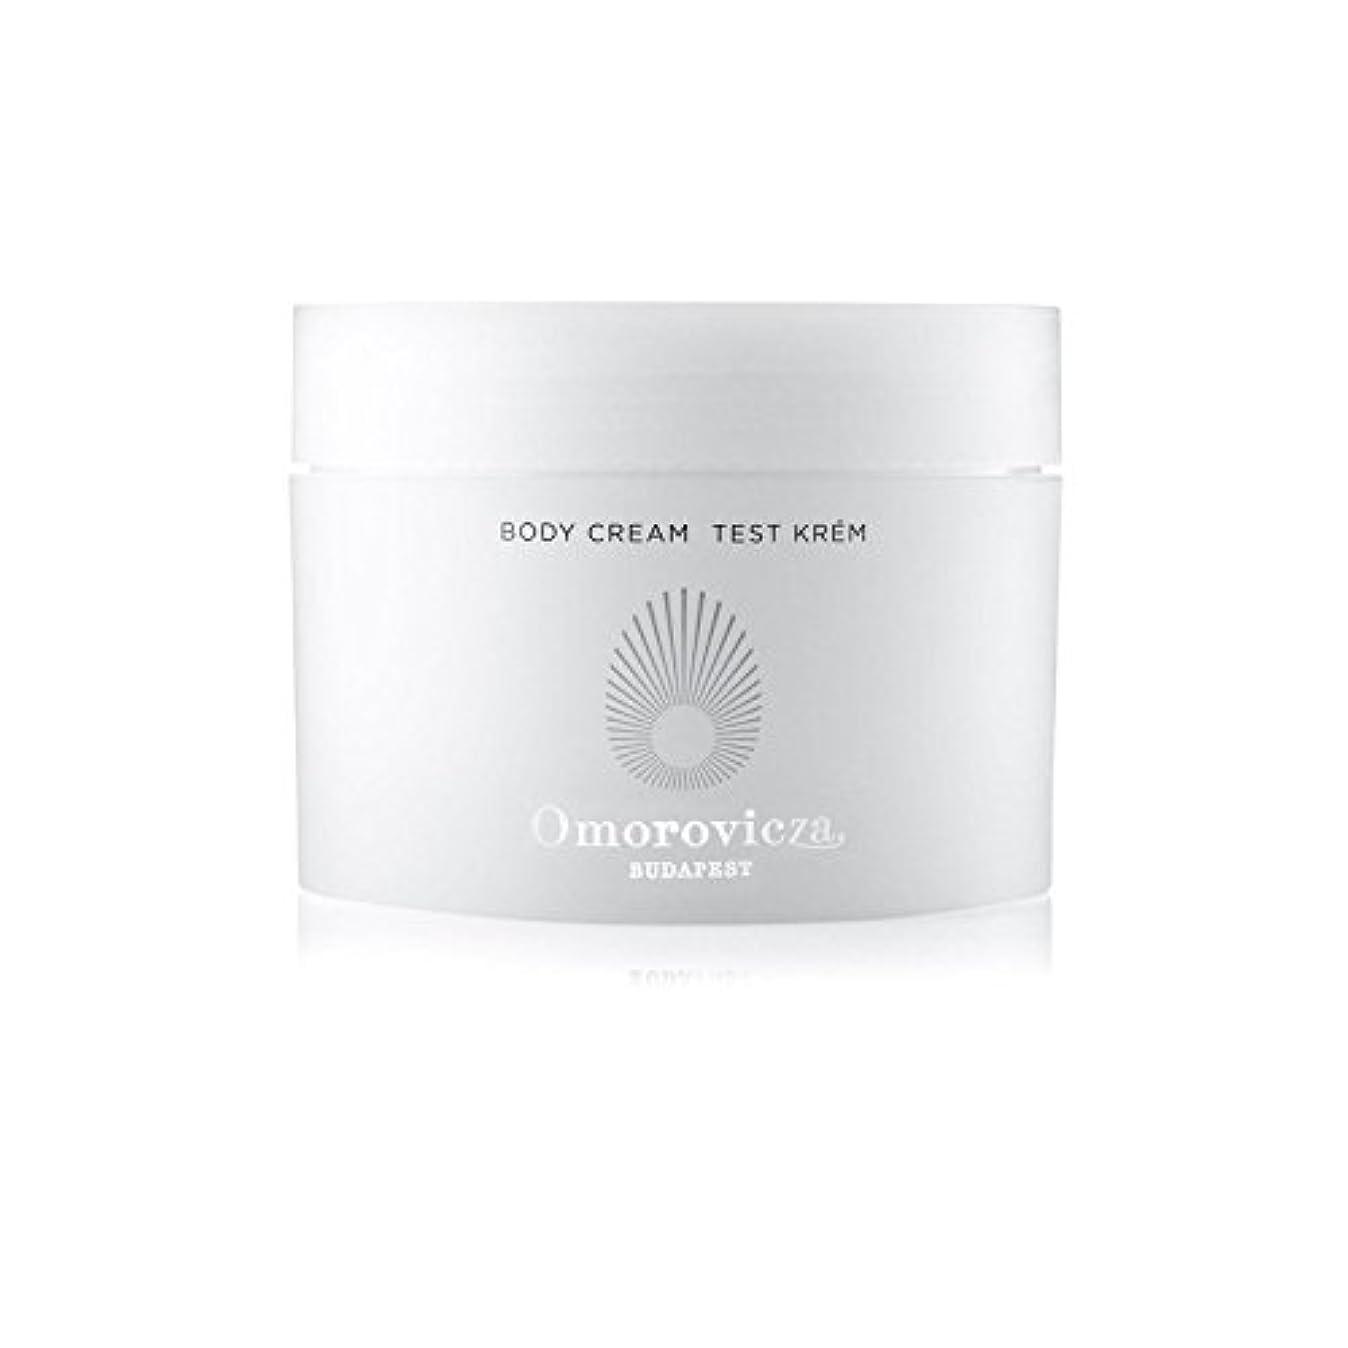 疑い崩壊迷信Omorovicza Body Cream (200ml) - ボディクリーム(200ミリリットル) [並行輸入品]